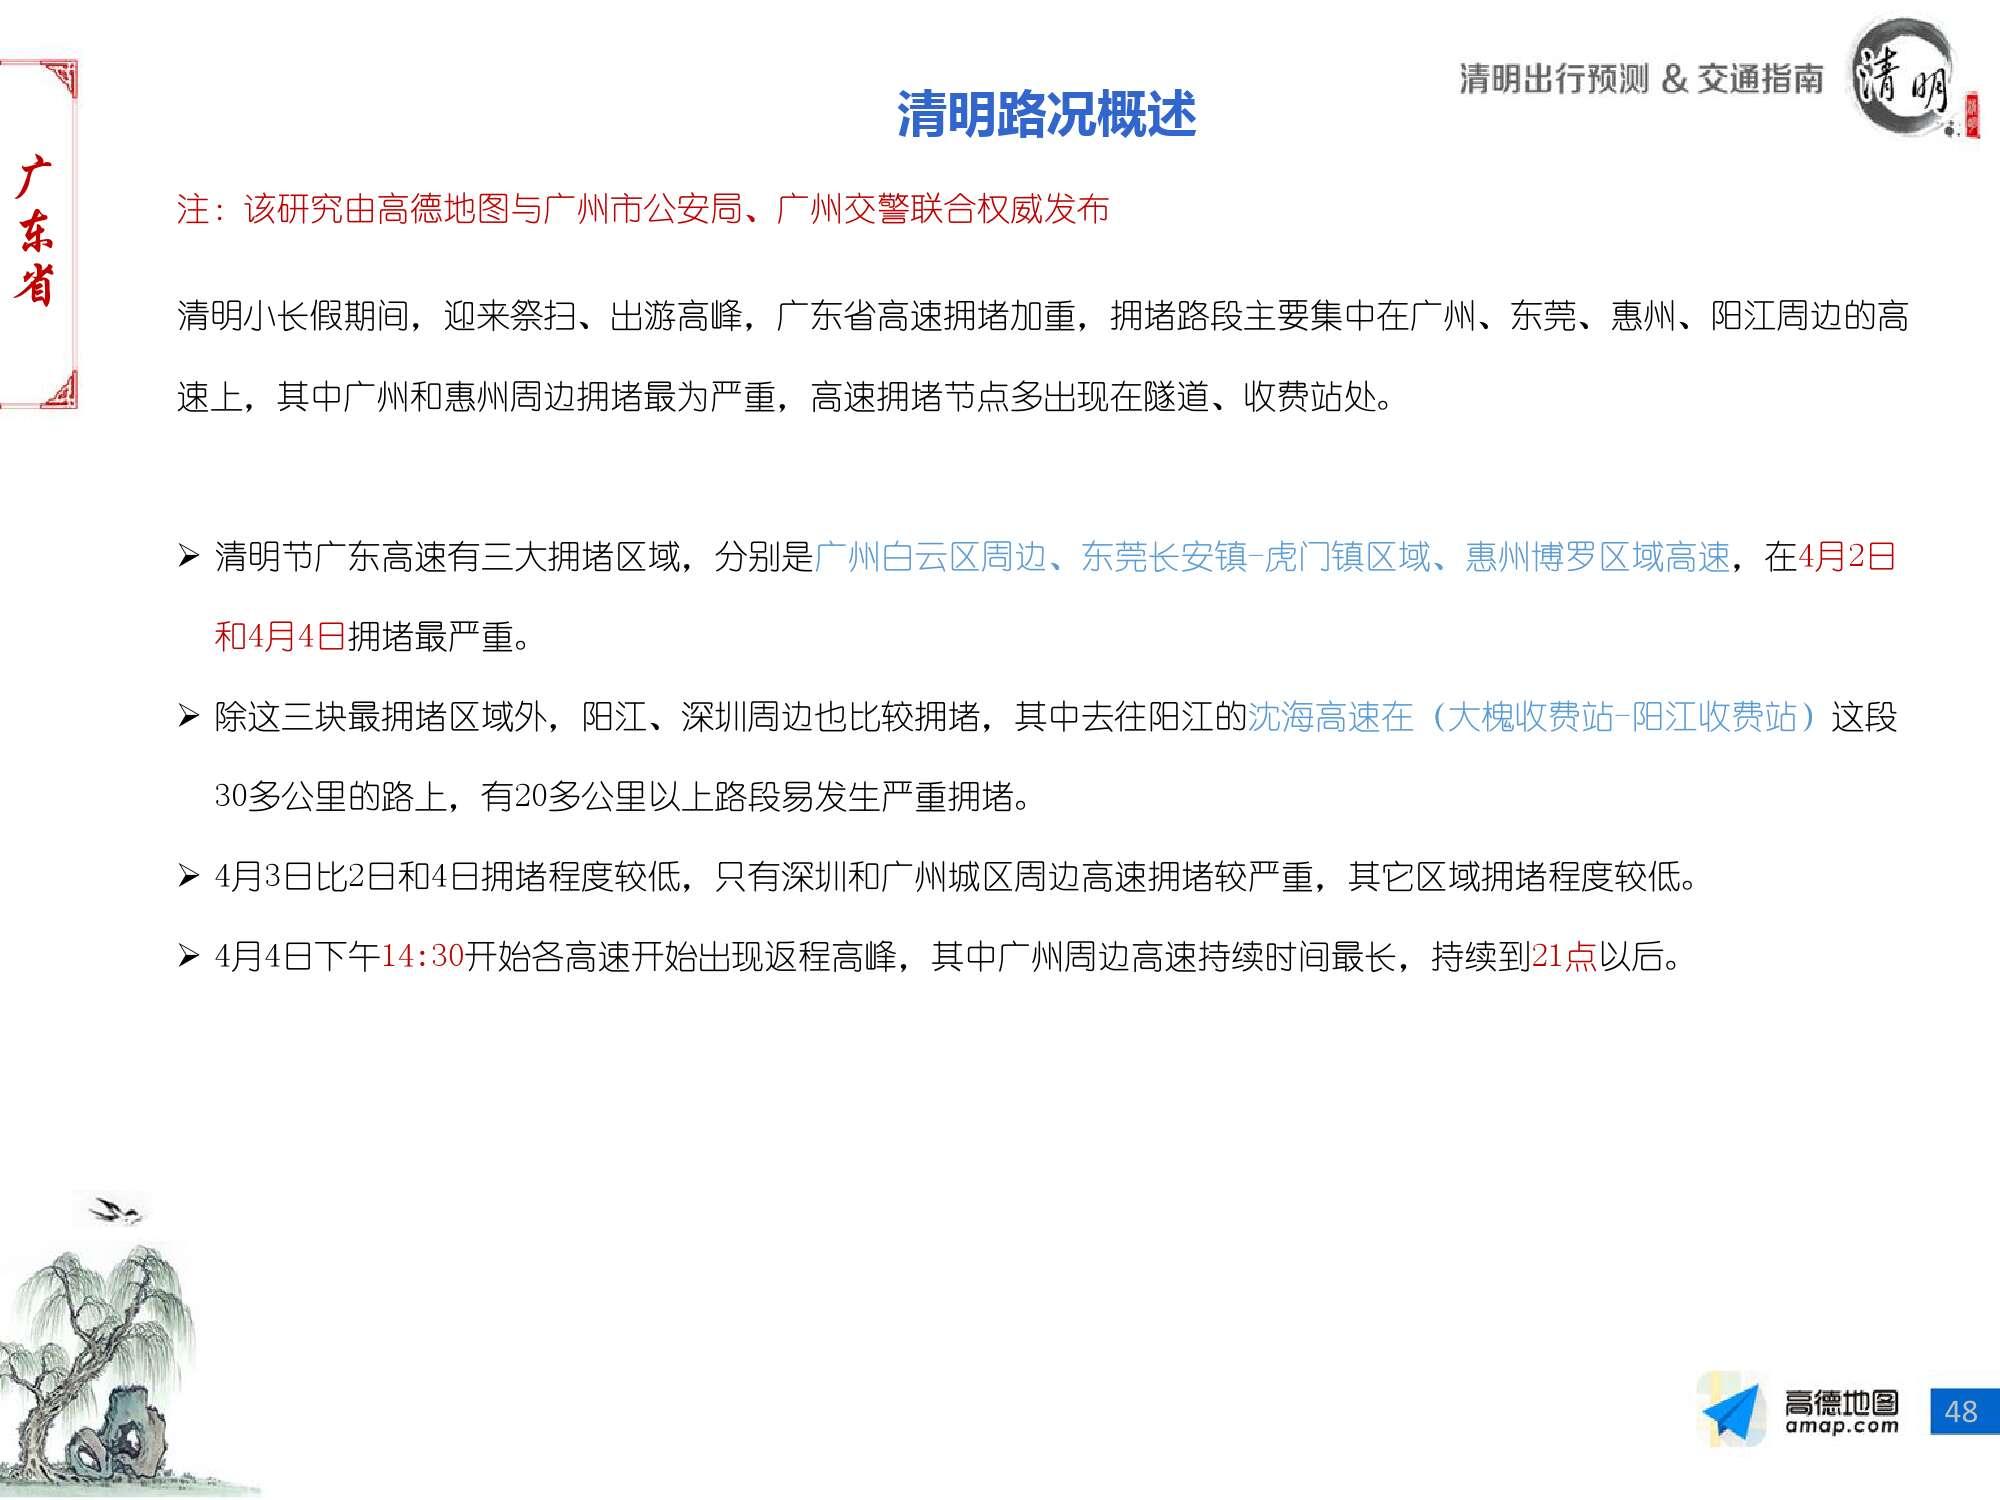 2016年清明节出行预测报告-final_000048